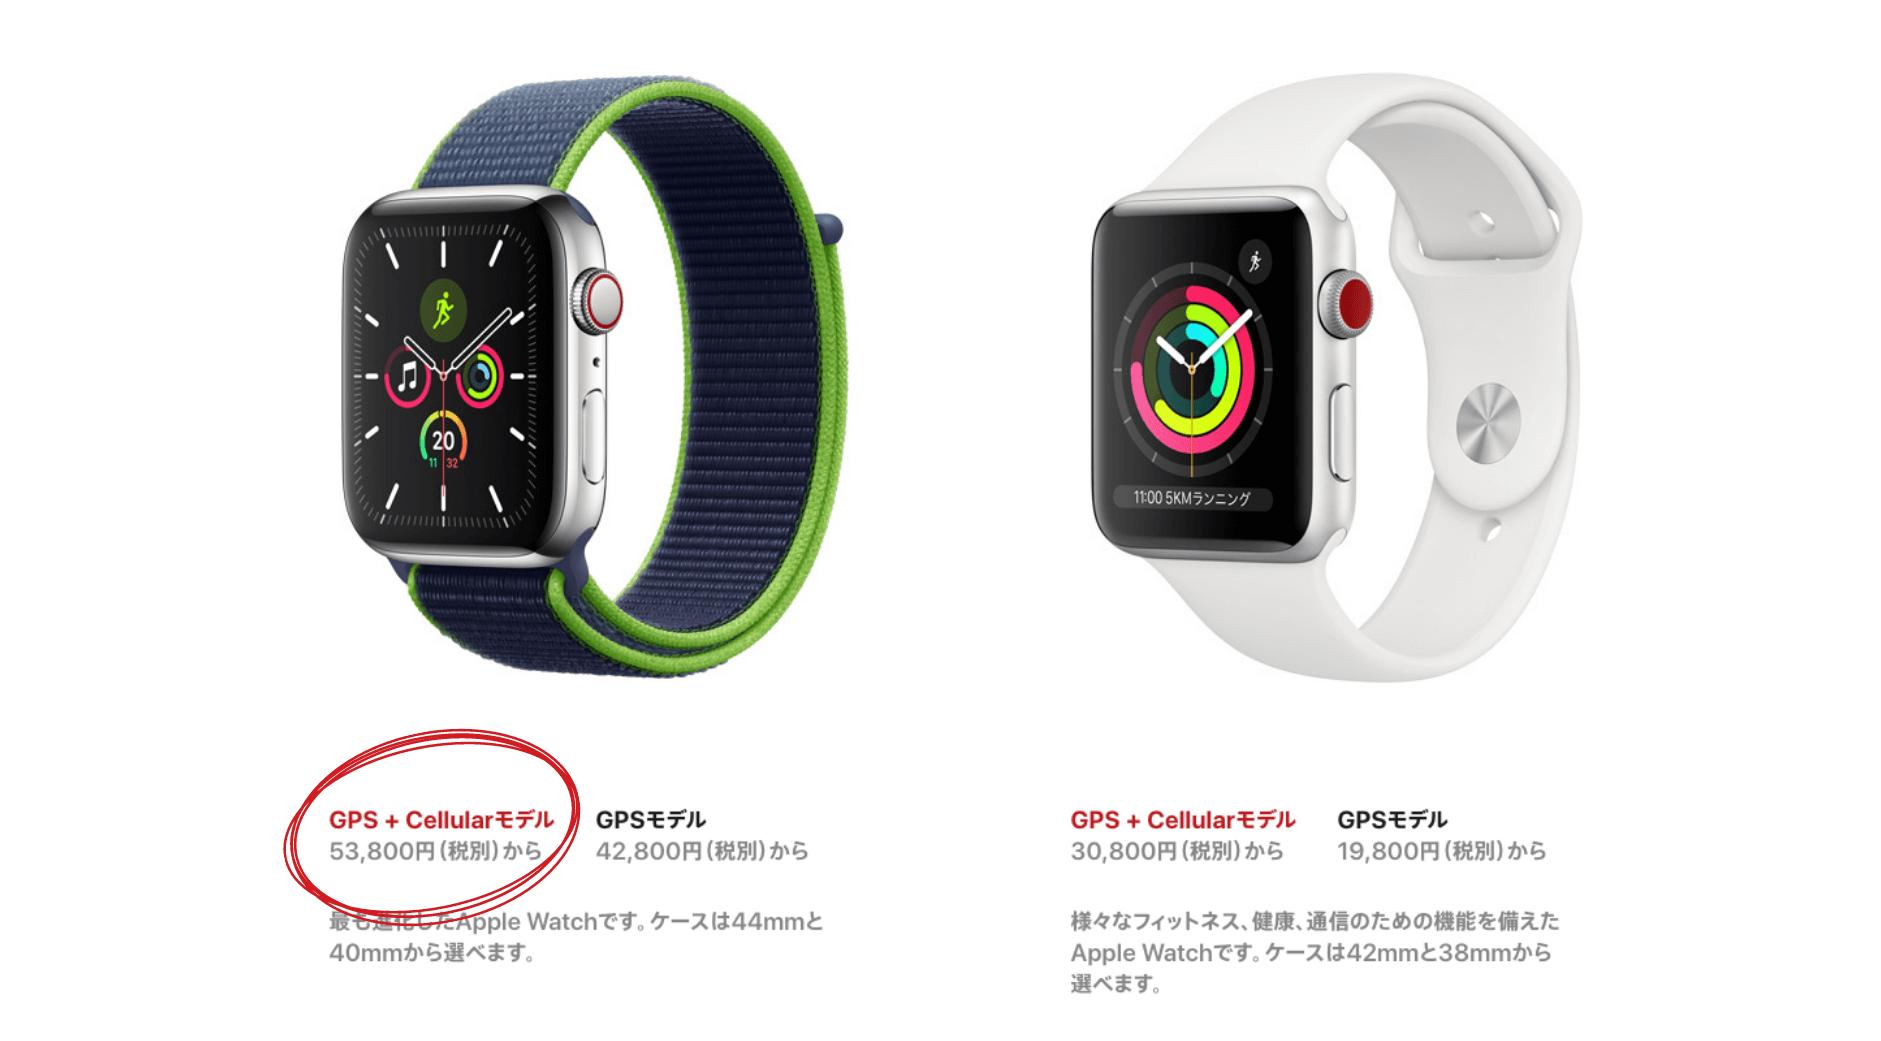 いらないと思われるApple Watchの最高価格